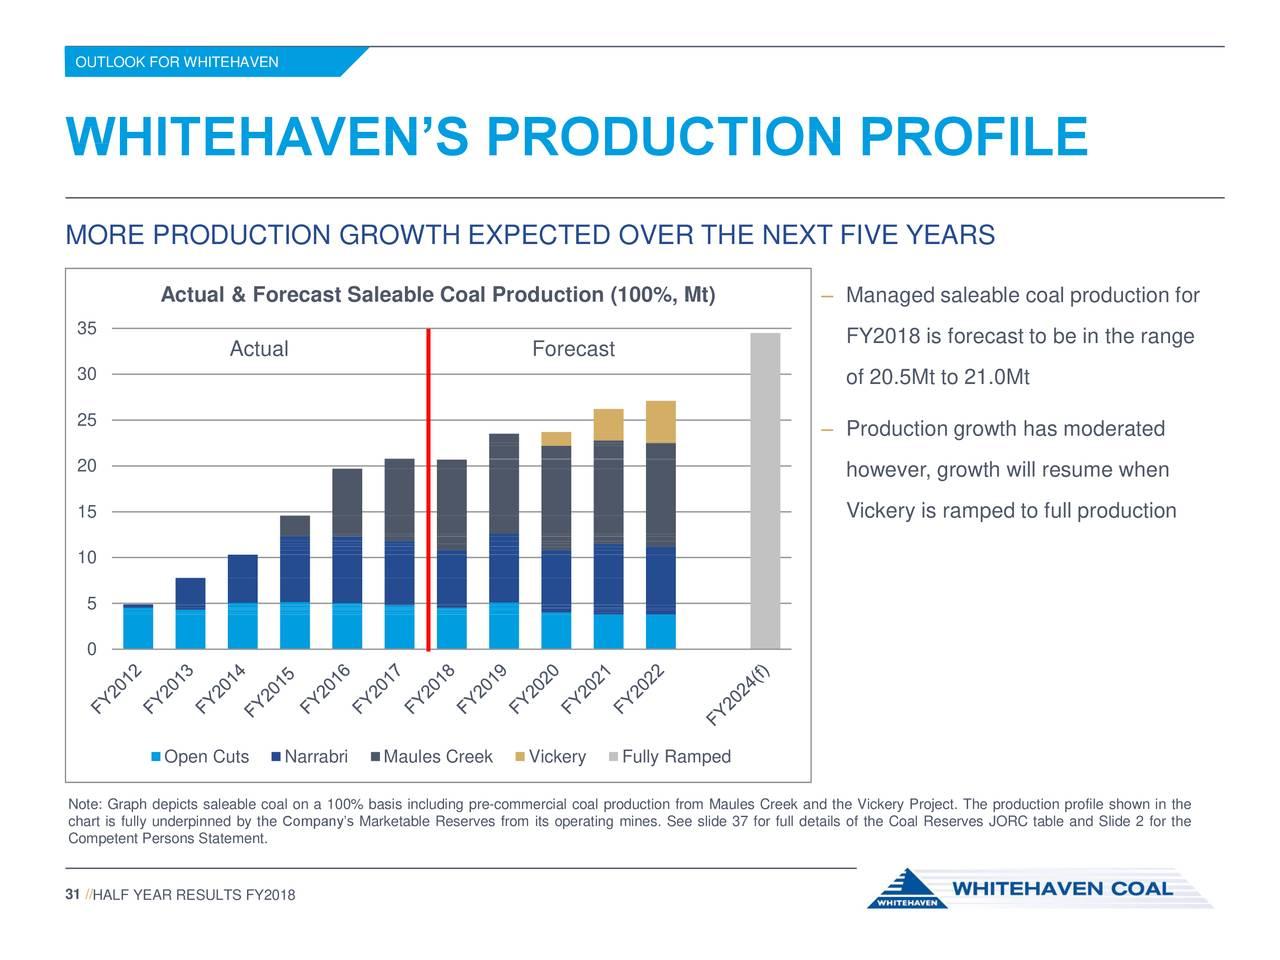 Whitehaven Coal Ltd PE Ratio (TTM):